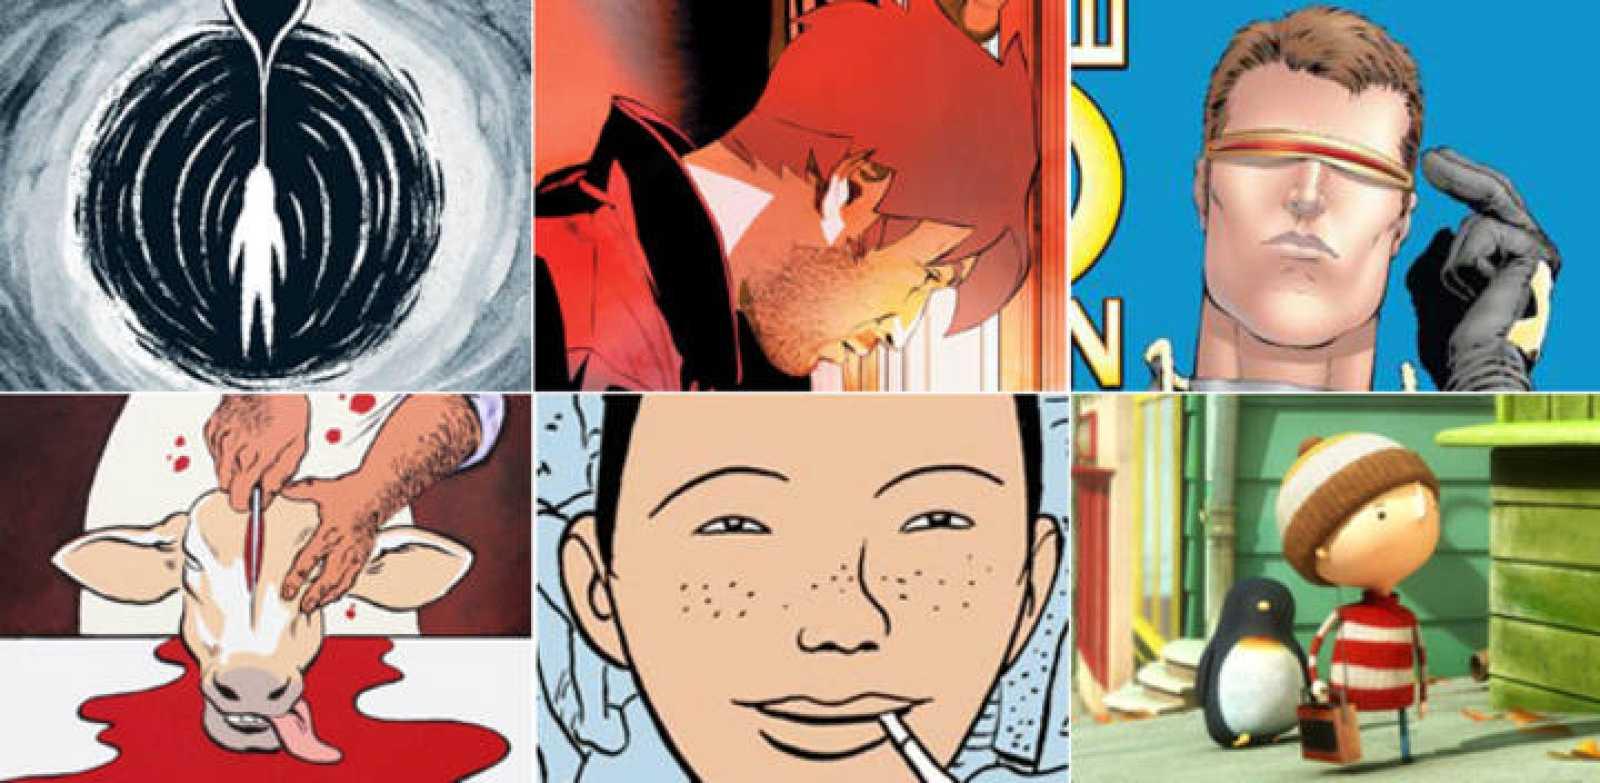 Imágenes de 'Los últimos días de un inmortal' (Ninth ediciones), 'metropolitan' (Ninth ediciones), 'New X-Men de Grant Morrison' (Panini), 'Revienta cerdo' (Norma), 'Rosario y los inagotables' (La Cúpula), y la revista 'Minchó'